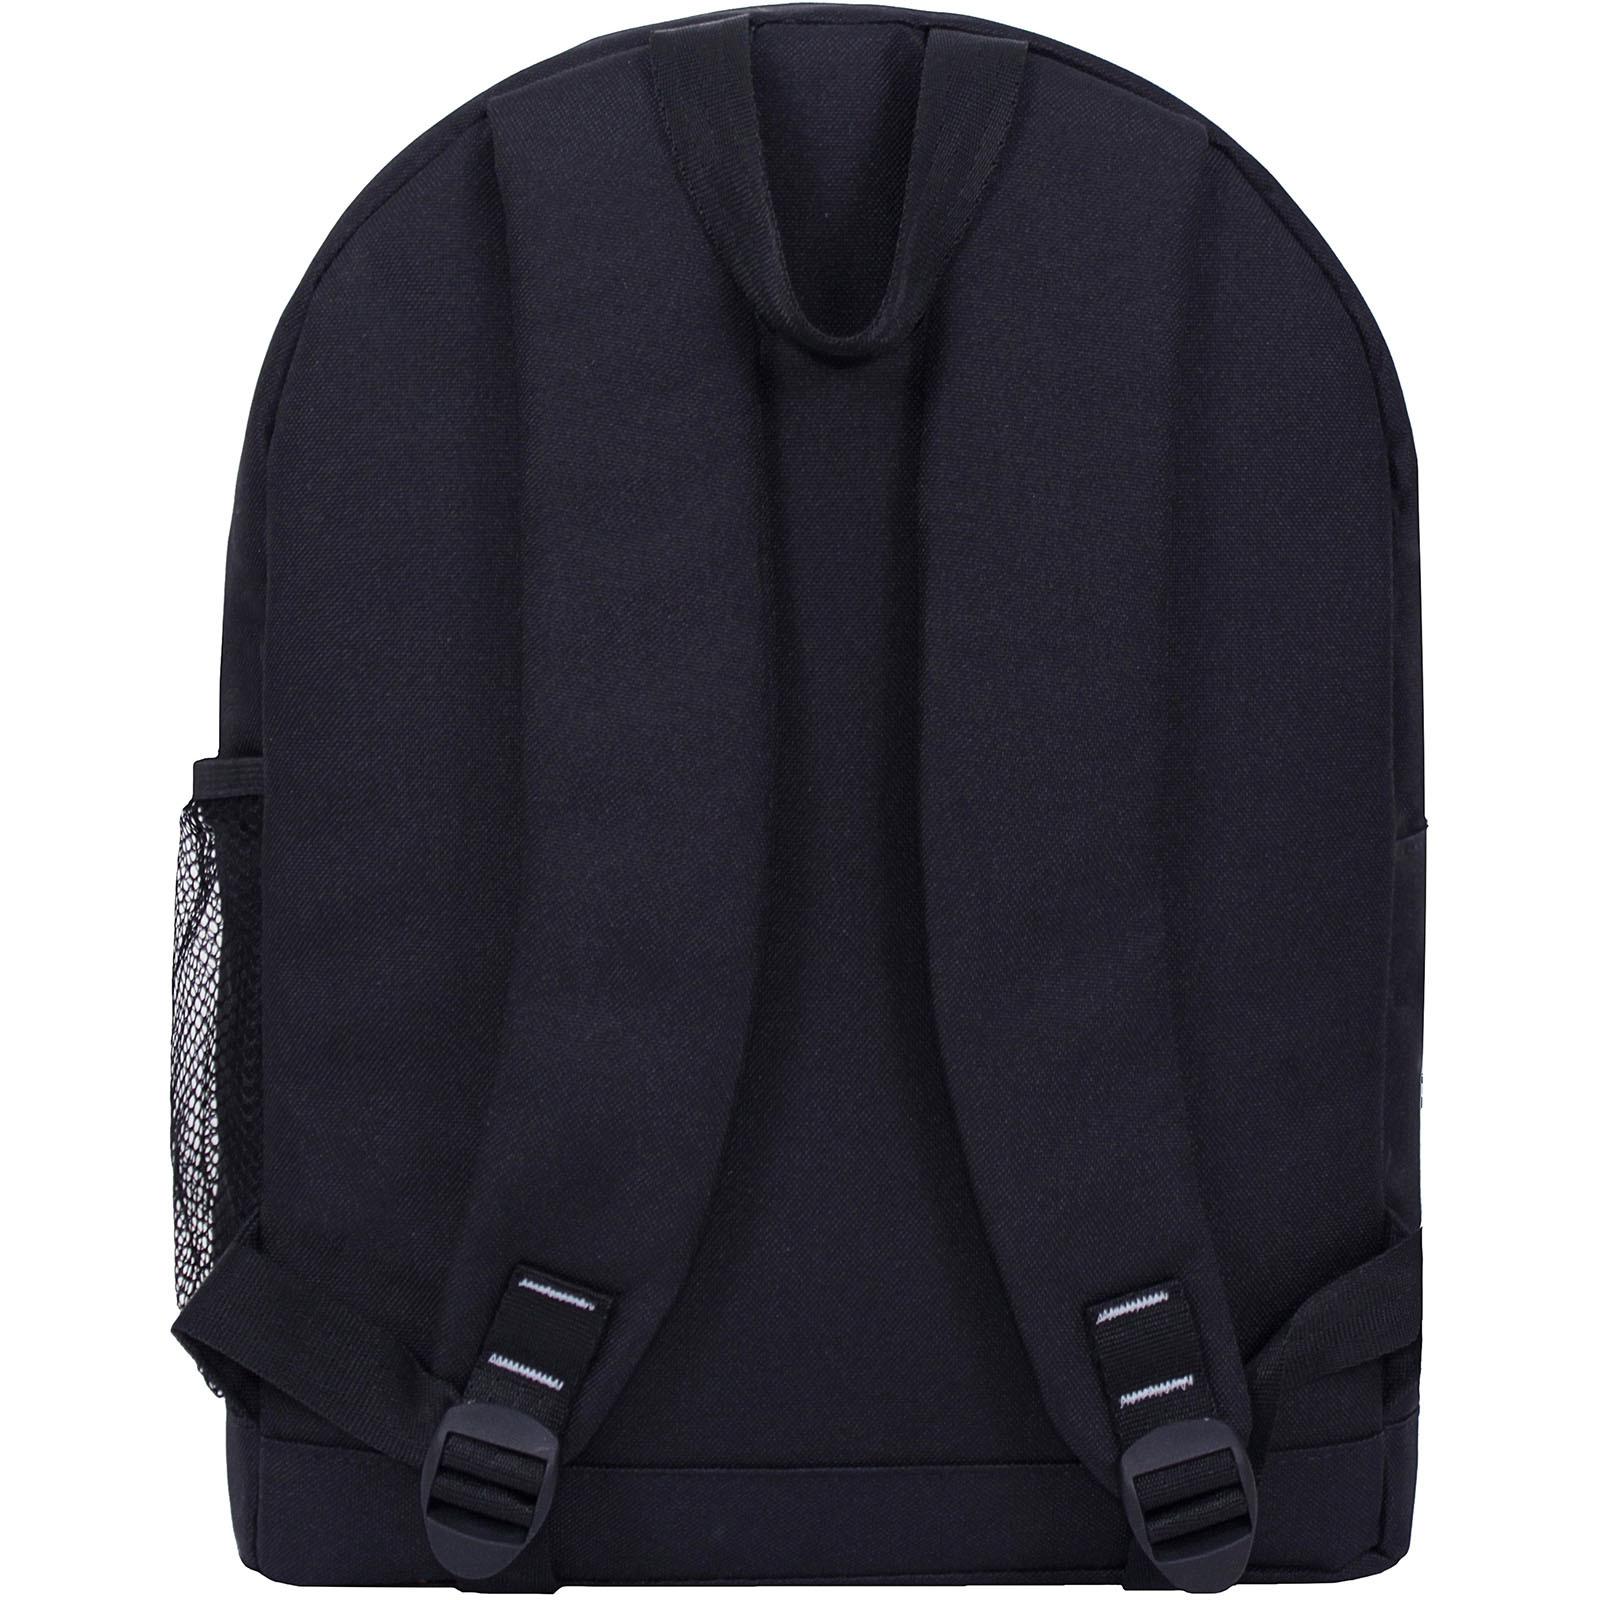 Рюкзак Bagland Молодежный W/R 17 л. черный/камуфляж (00533662) фото 4